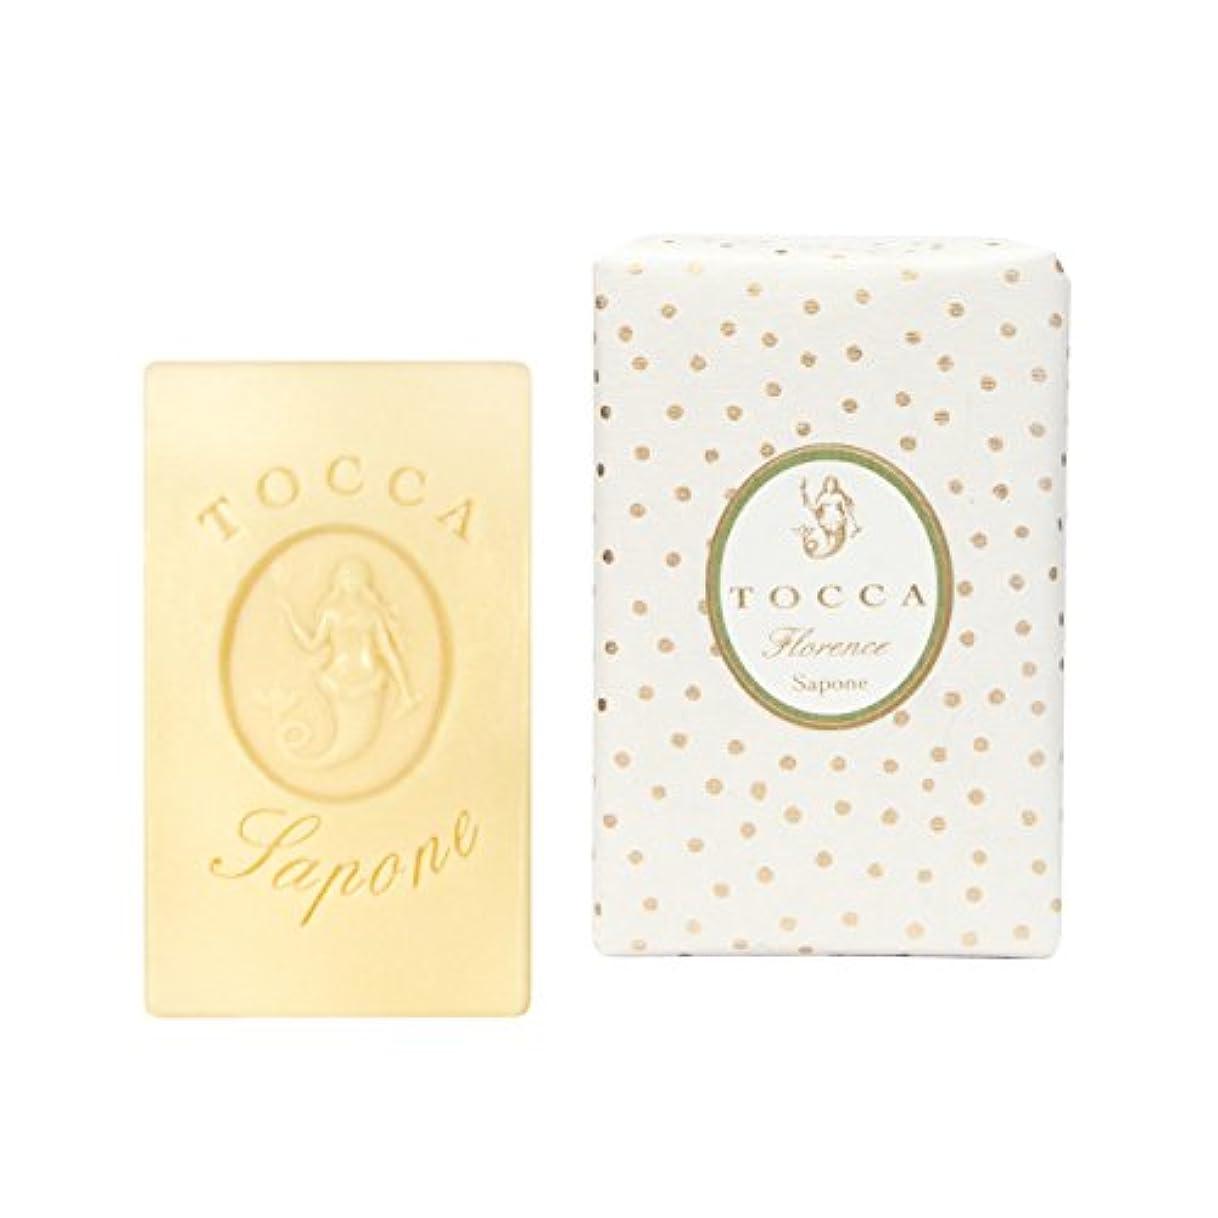 強制駅銅トッカ(TOCCA) ソープバーフローレンスの香り 113g(石けん 化粧石けん ガーデニアとベルガモットが誘うように溶け合うどこまでも上品なフローラルの香り)